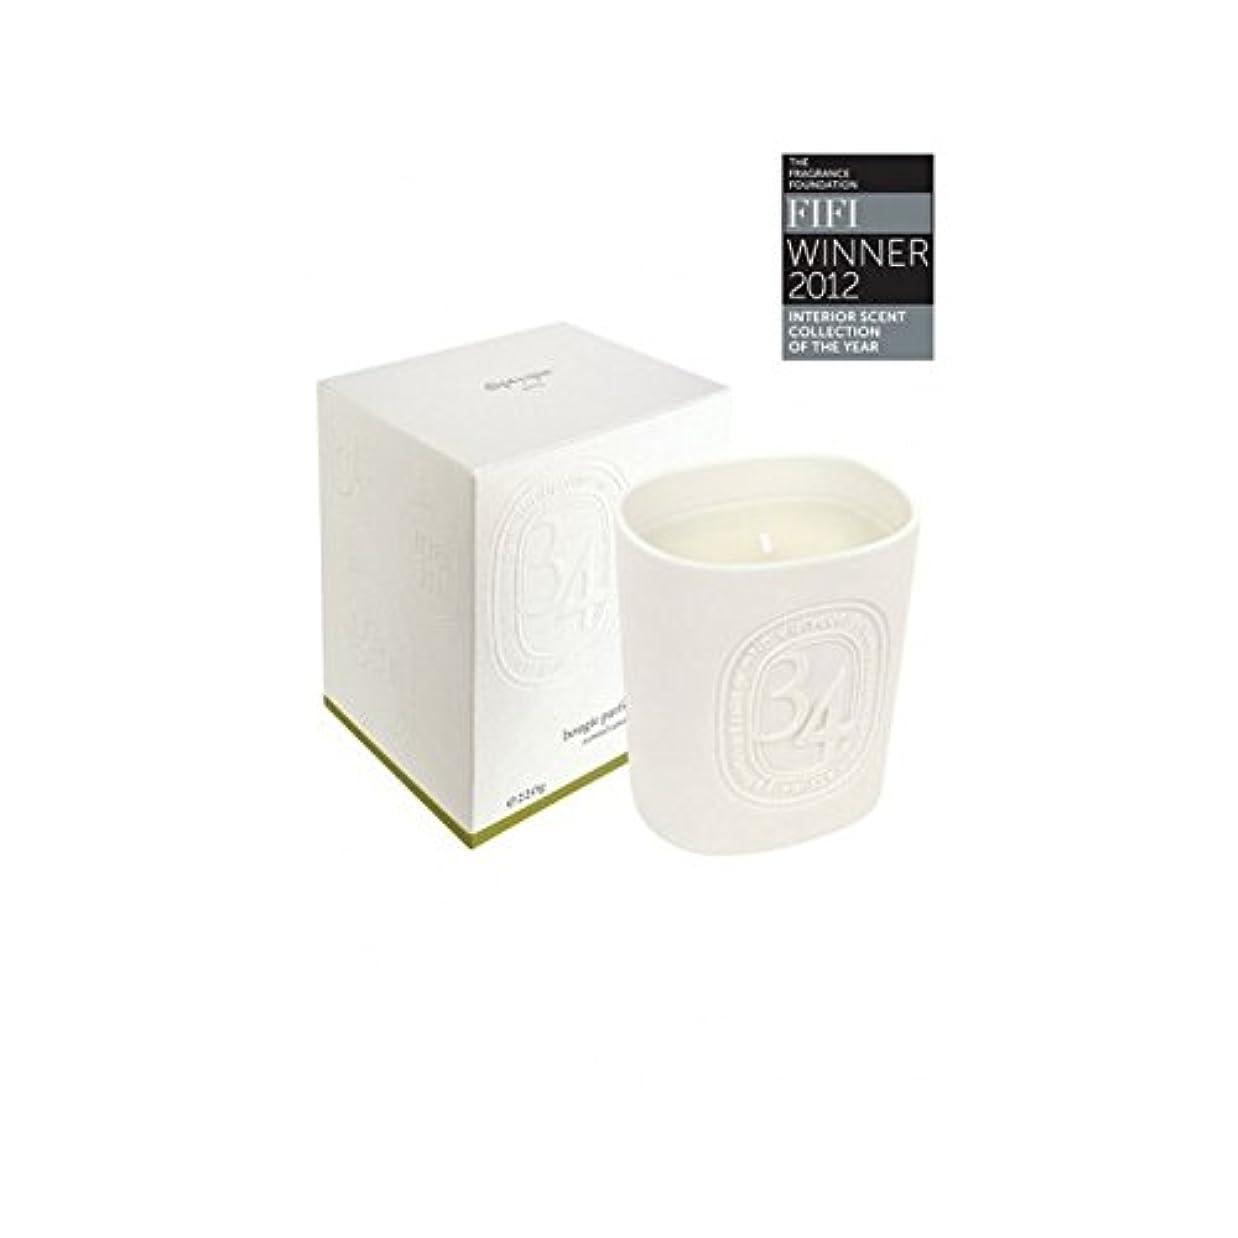 修理可能ライフルダウンタウンDiptyque Collection 34 Boulevard Saint Germain Candle 220g (Pack of 2) - Diptyqueコレクション34大通りサンジェルマンキャンドル220グラム...